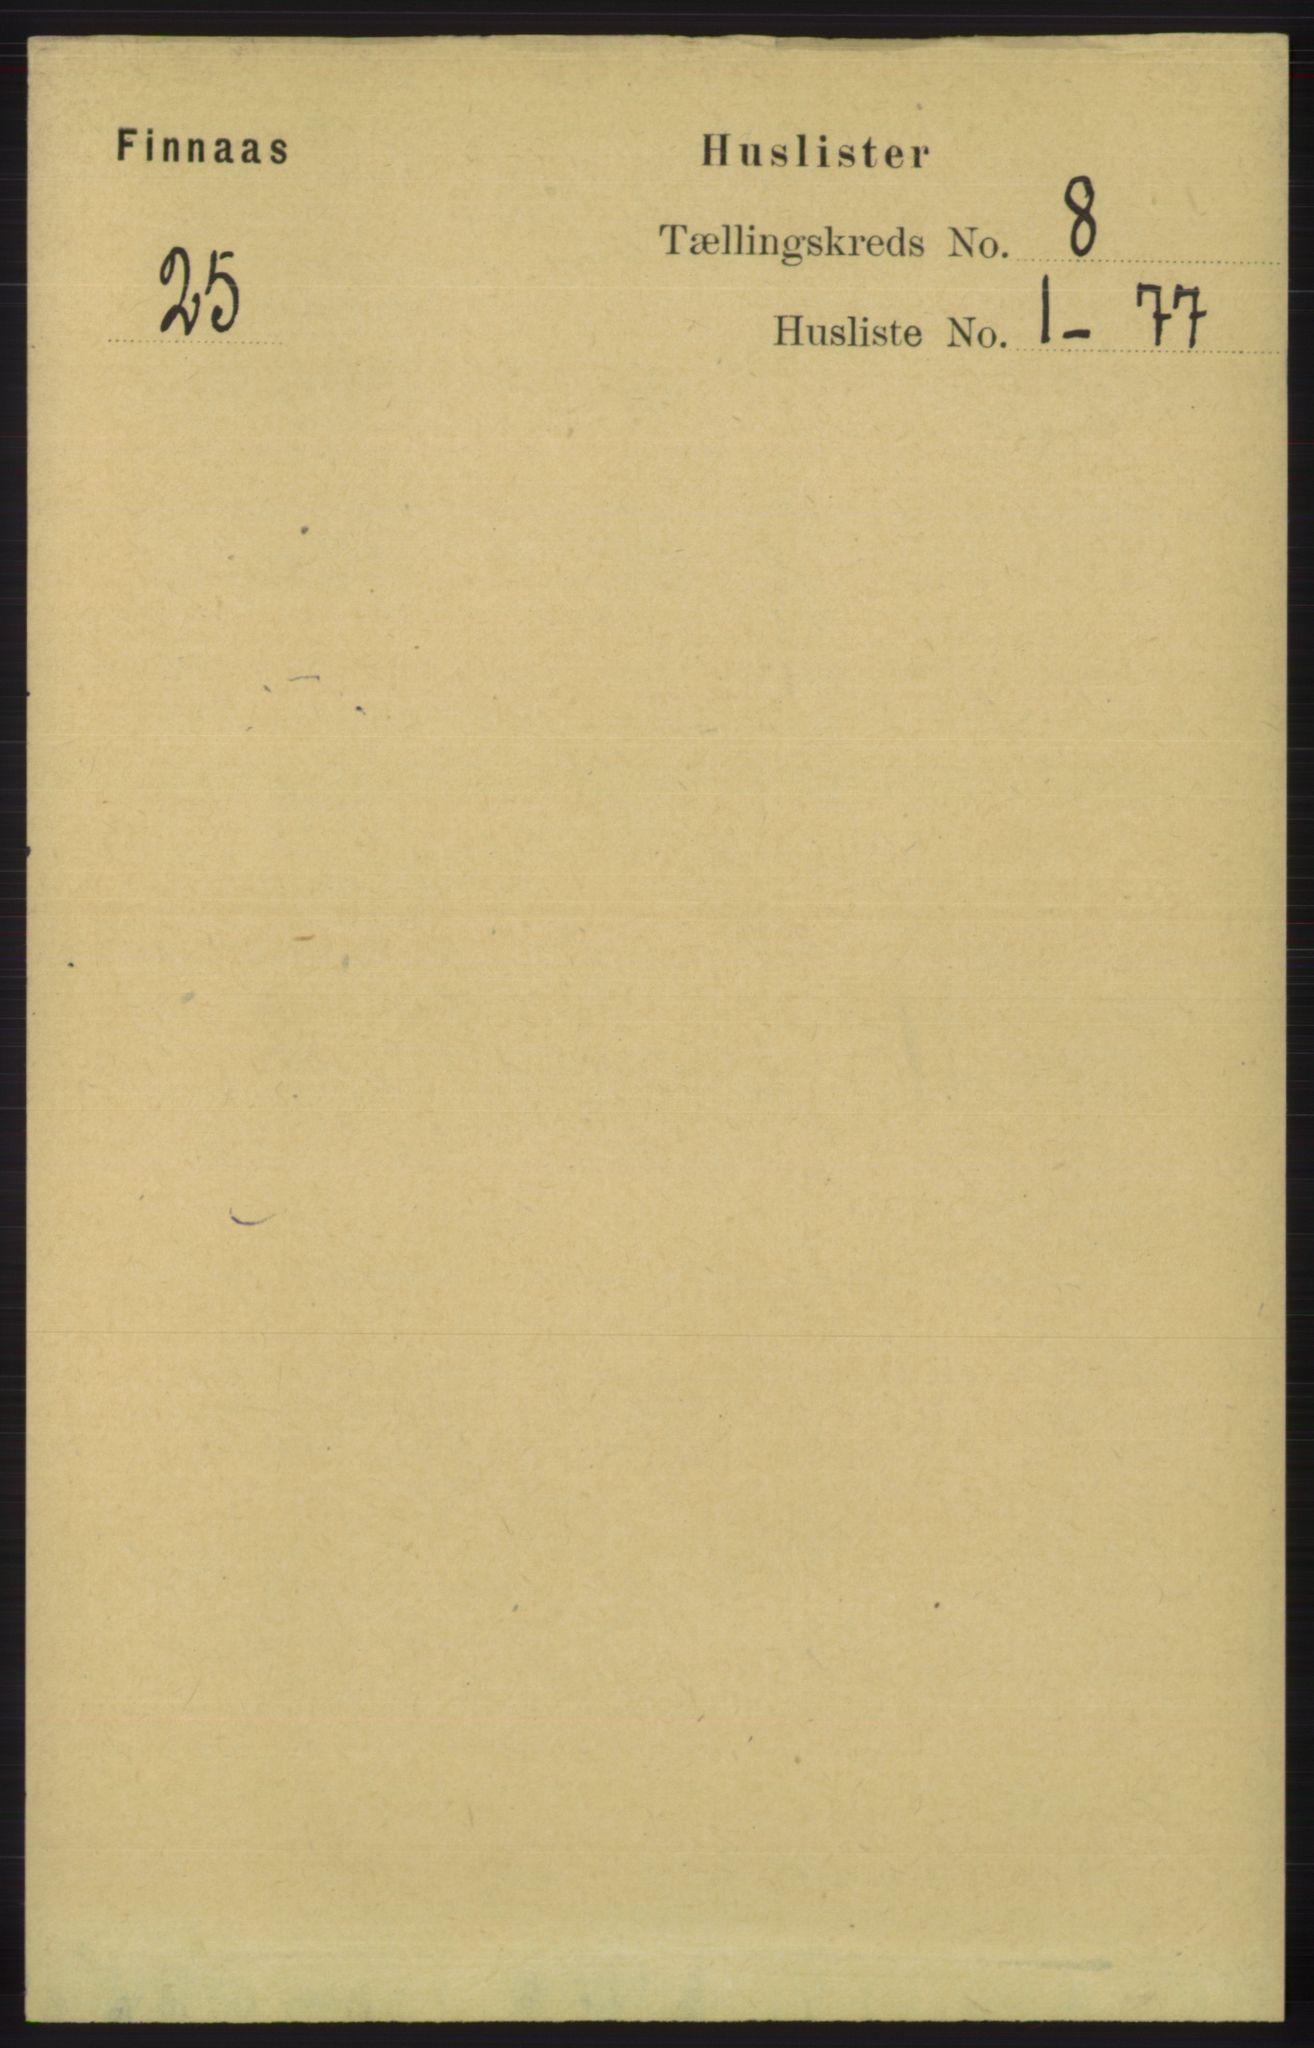 RA, Folketelling 1891 for 1218 Finnås herred, 1891, s. 3294